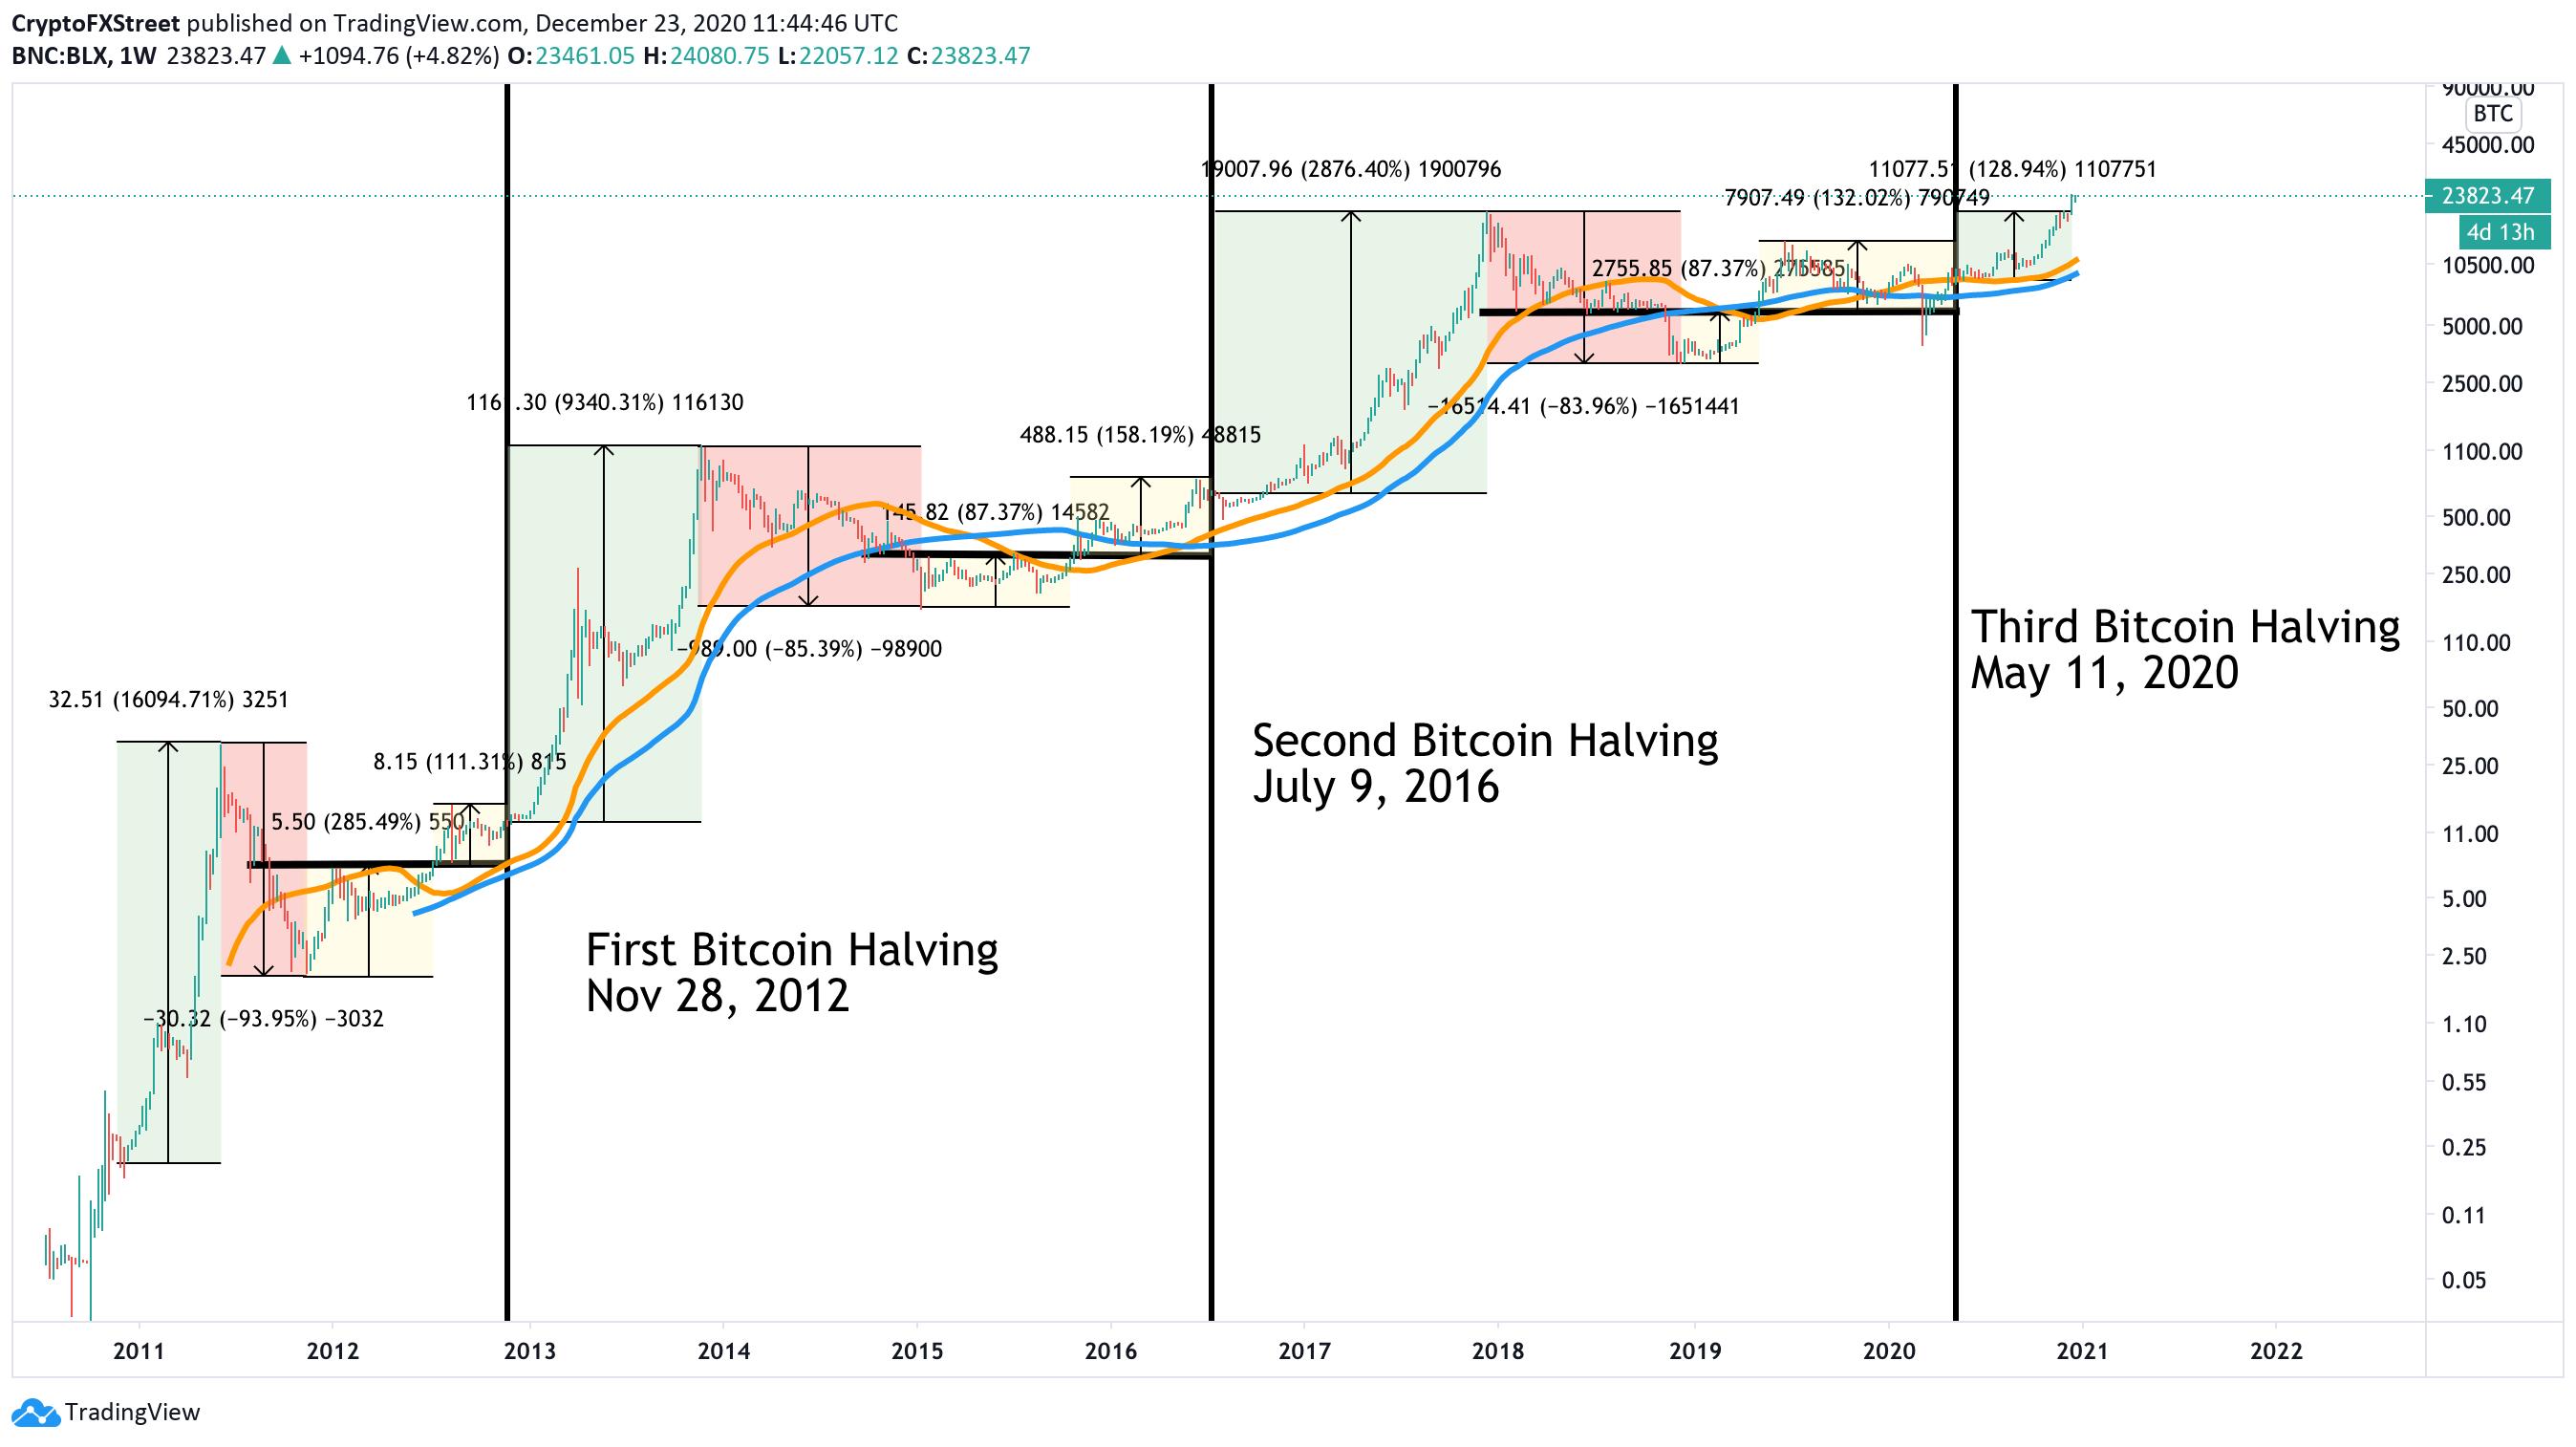 outlook 2021 bitcoin